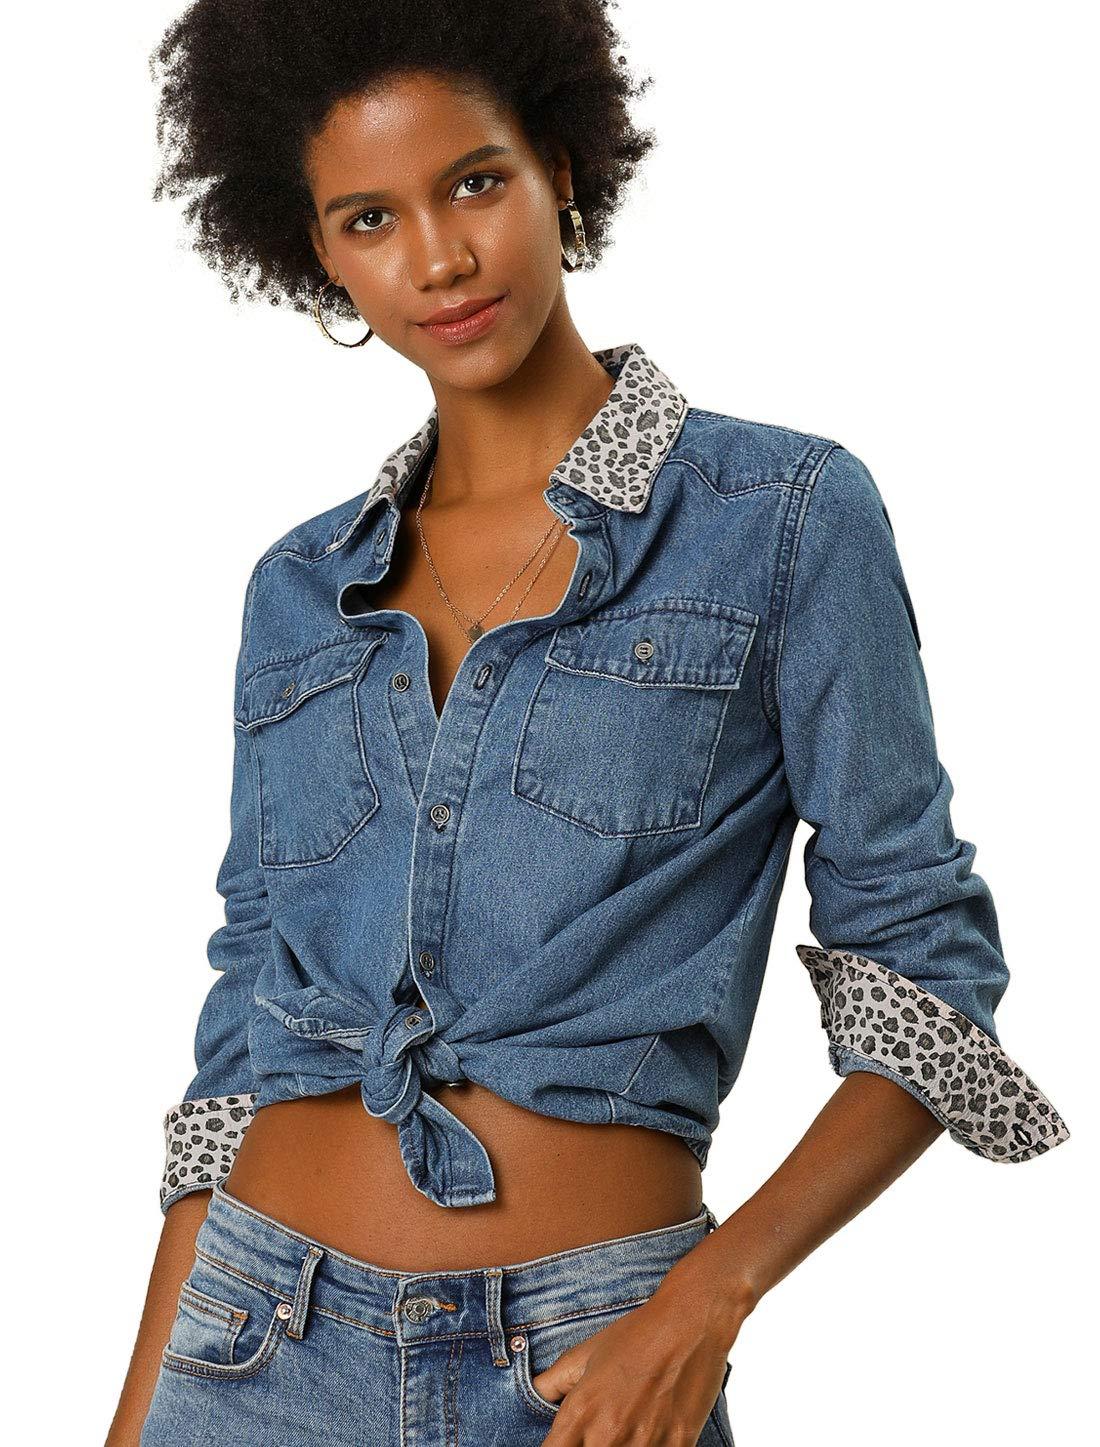 Women's Leopard Print Button Up Long Sleeves Jean Denim Shirt 3